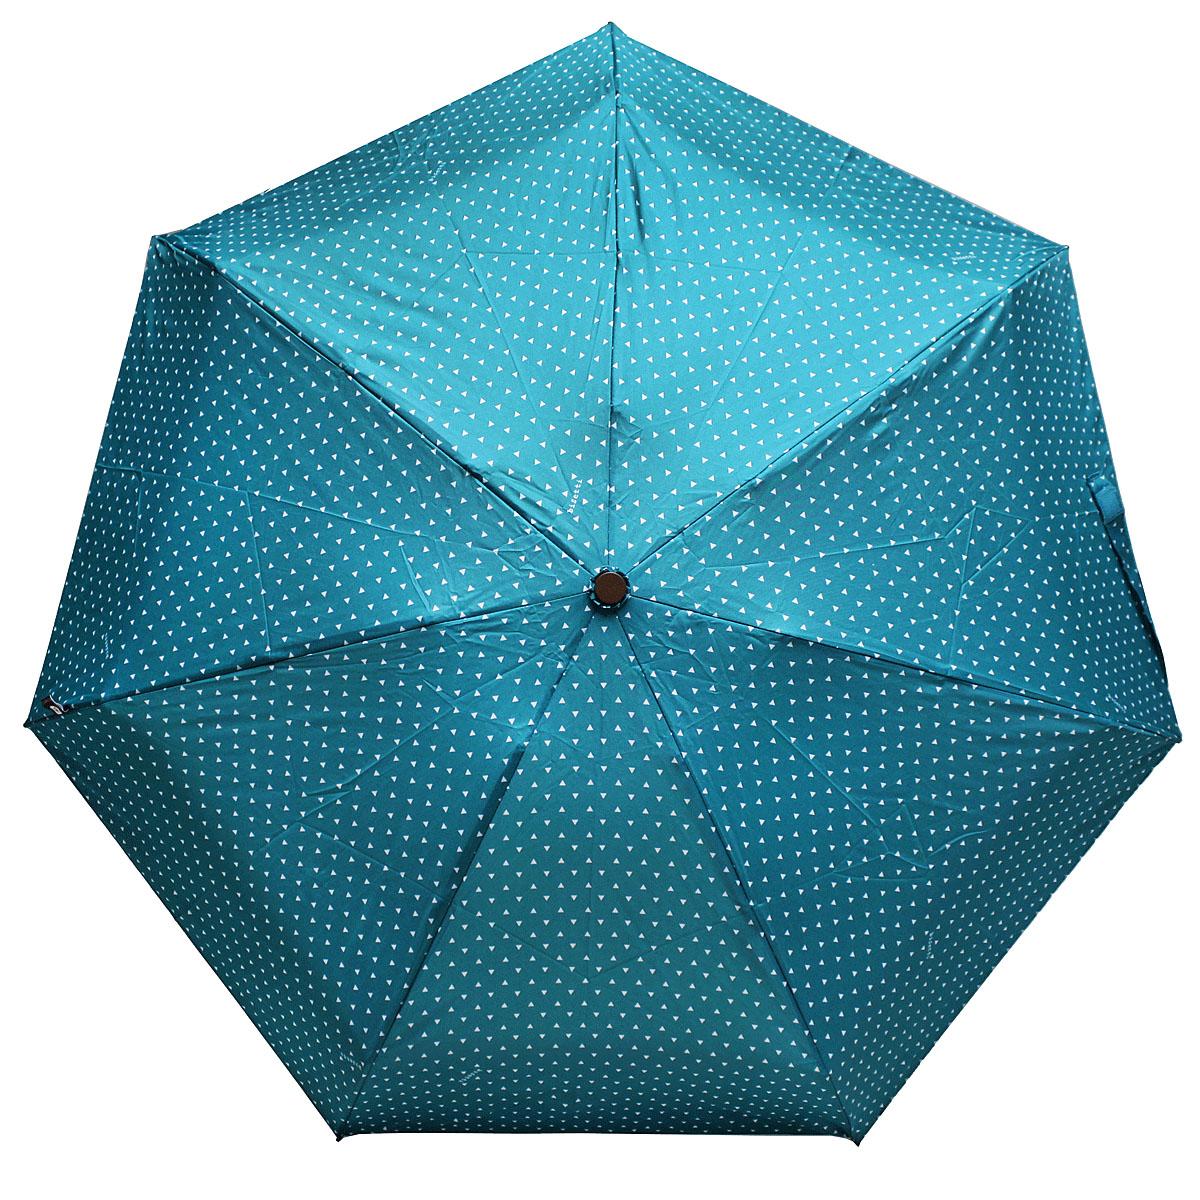 Зонт женский Bisetti, цвет: бирюзовый. 3598-4CX1516-50-10Стильный зонт автомат испанского производителя Bisetti даже в ненастную погоду позволит вам оставаться элегантной. В производстве зонтов Bisetti используются современные материалы, что делает зонты легкими, но в то же время крепкими.Каркас зонта включает 7 спиц. Стержень изготовлен из стали, купол выполнен из прочного полиэстера.Зонт является механическим: купол открывается и закрывается вручную до характерного щелчка.